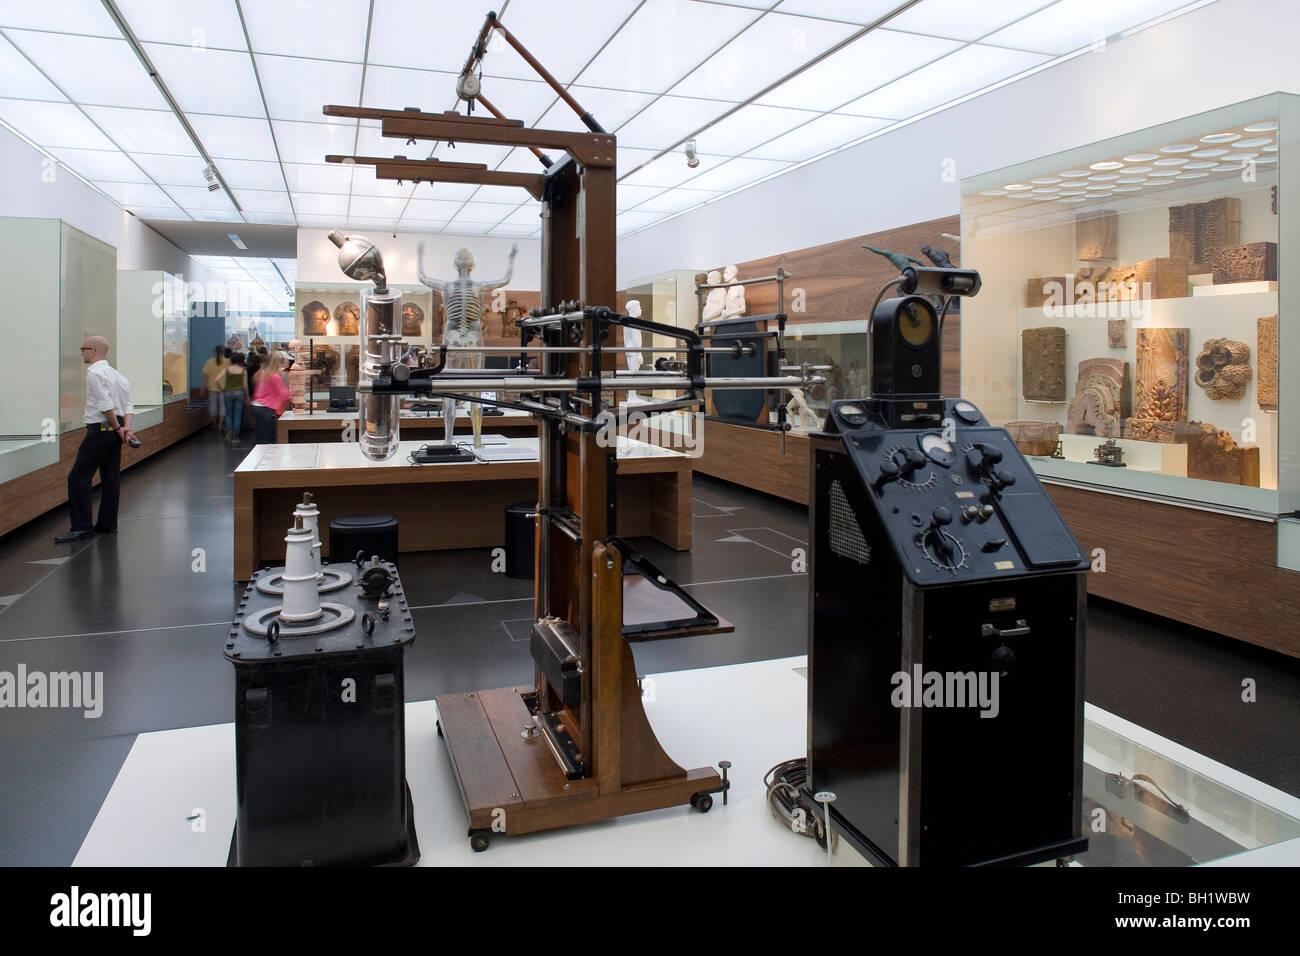 Das Deutsche Hygiene-Museum, DHMD, Zimmer 1 Leben und vom sterben, ein Xray-Maschine aus dem 20. Jahrhundert, Dresden, Stockbild